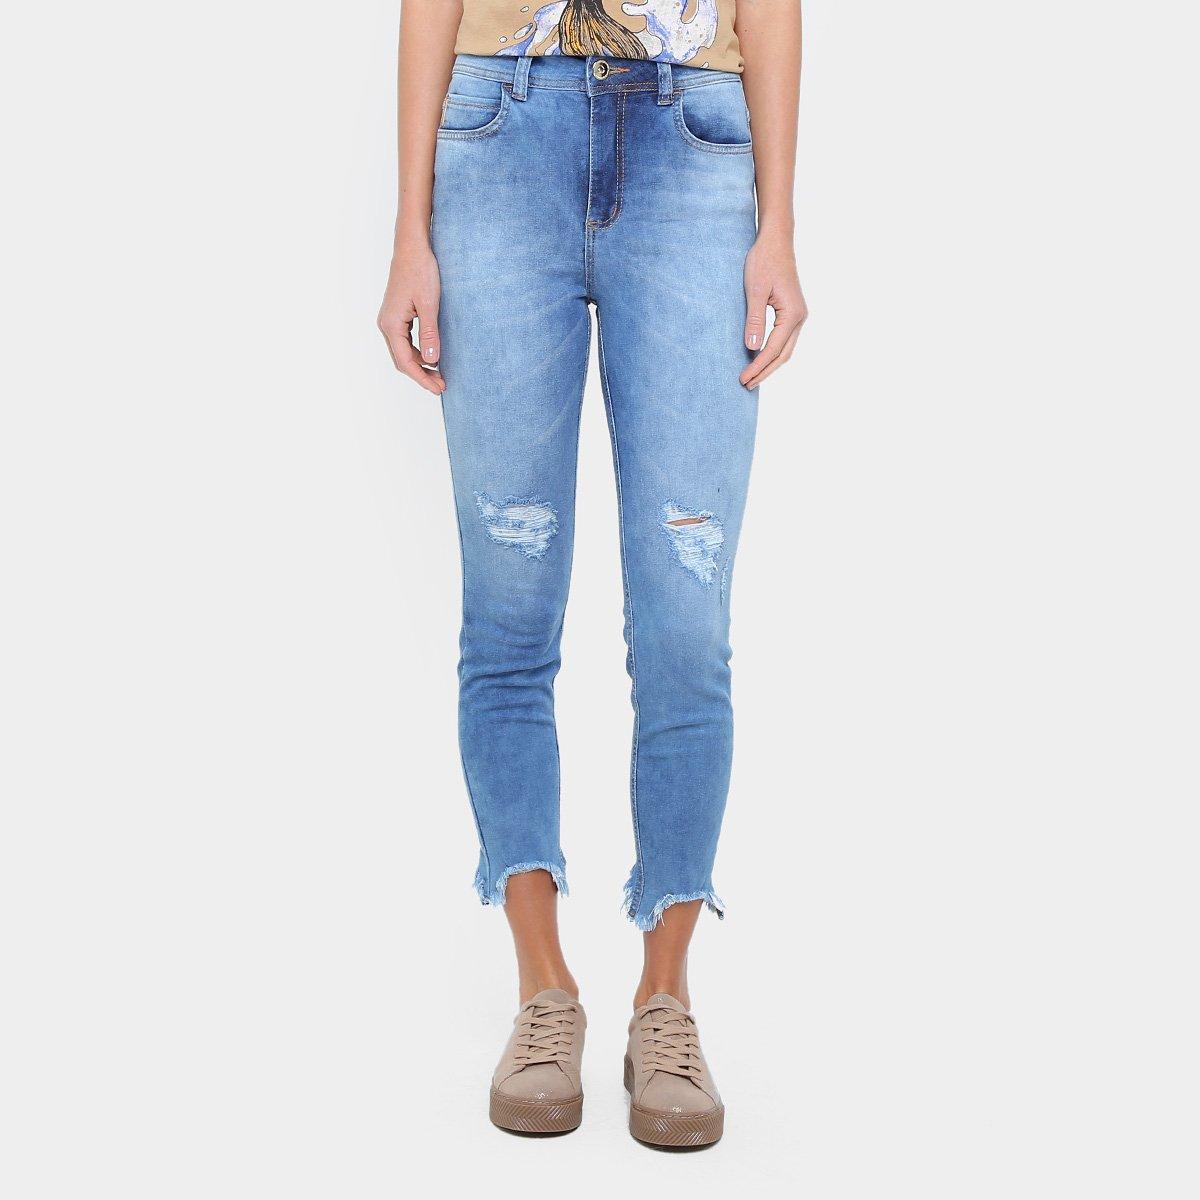 31b0c6dcd Calça Jeans Skinny Colcci Bia Cintura Alta Feminina